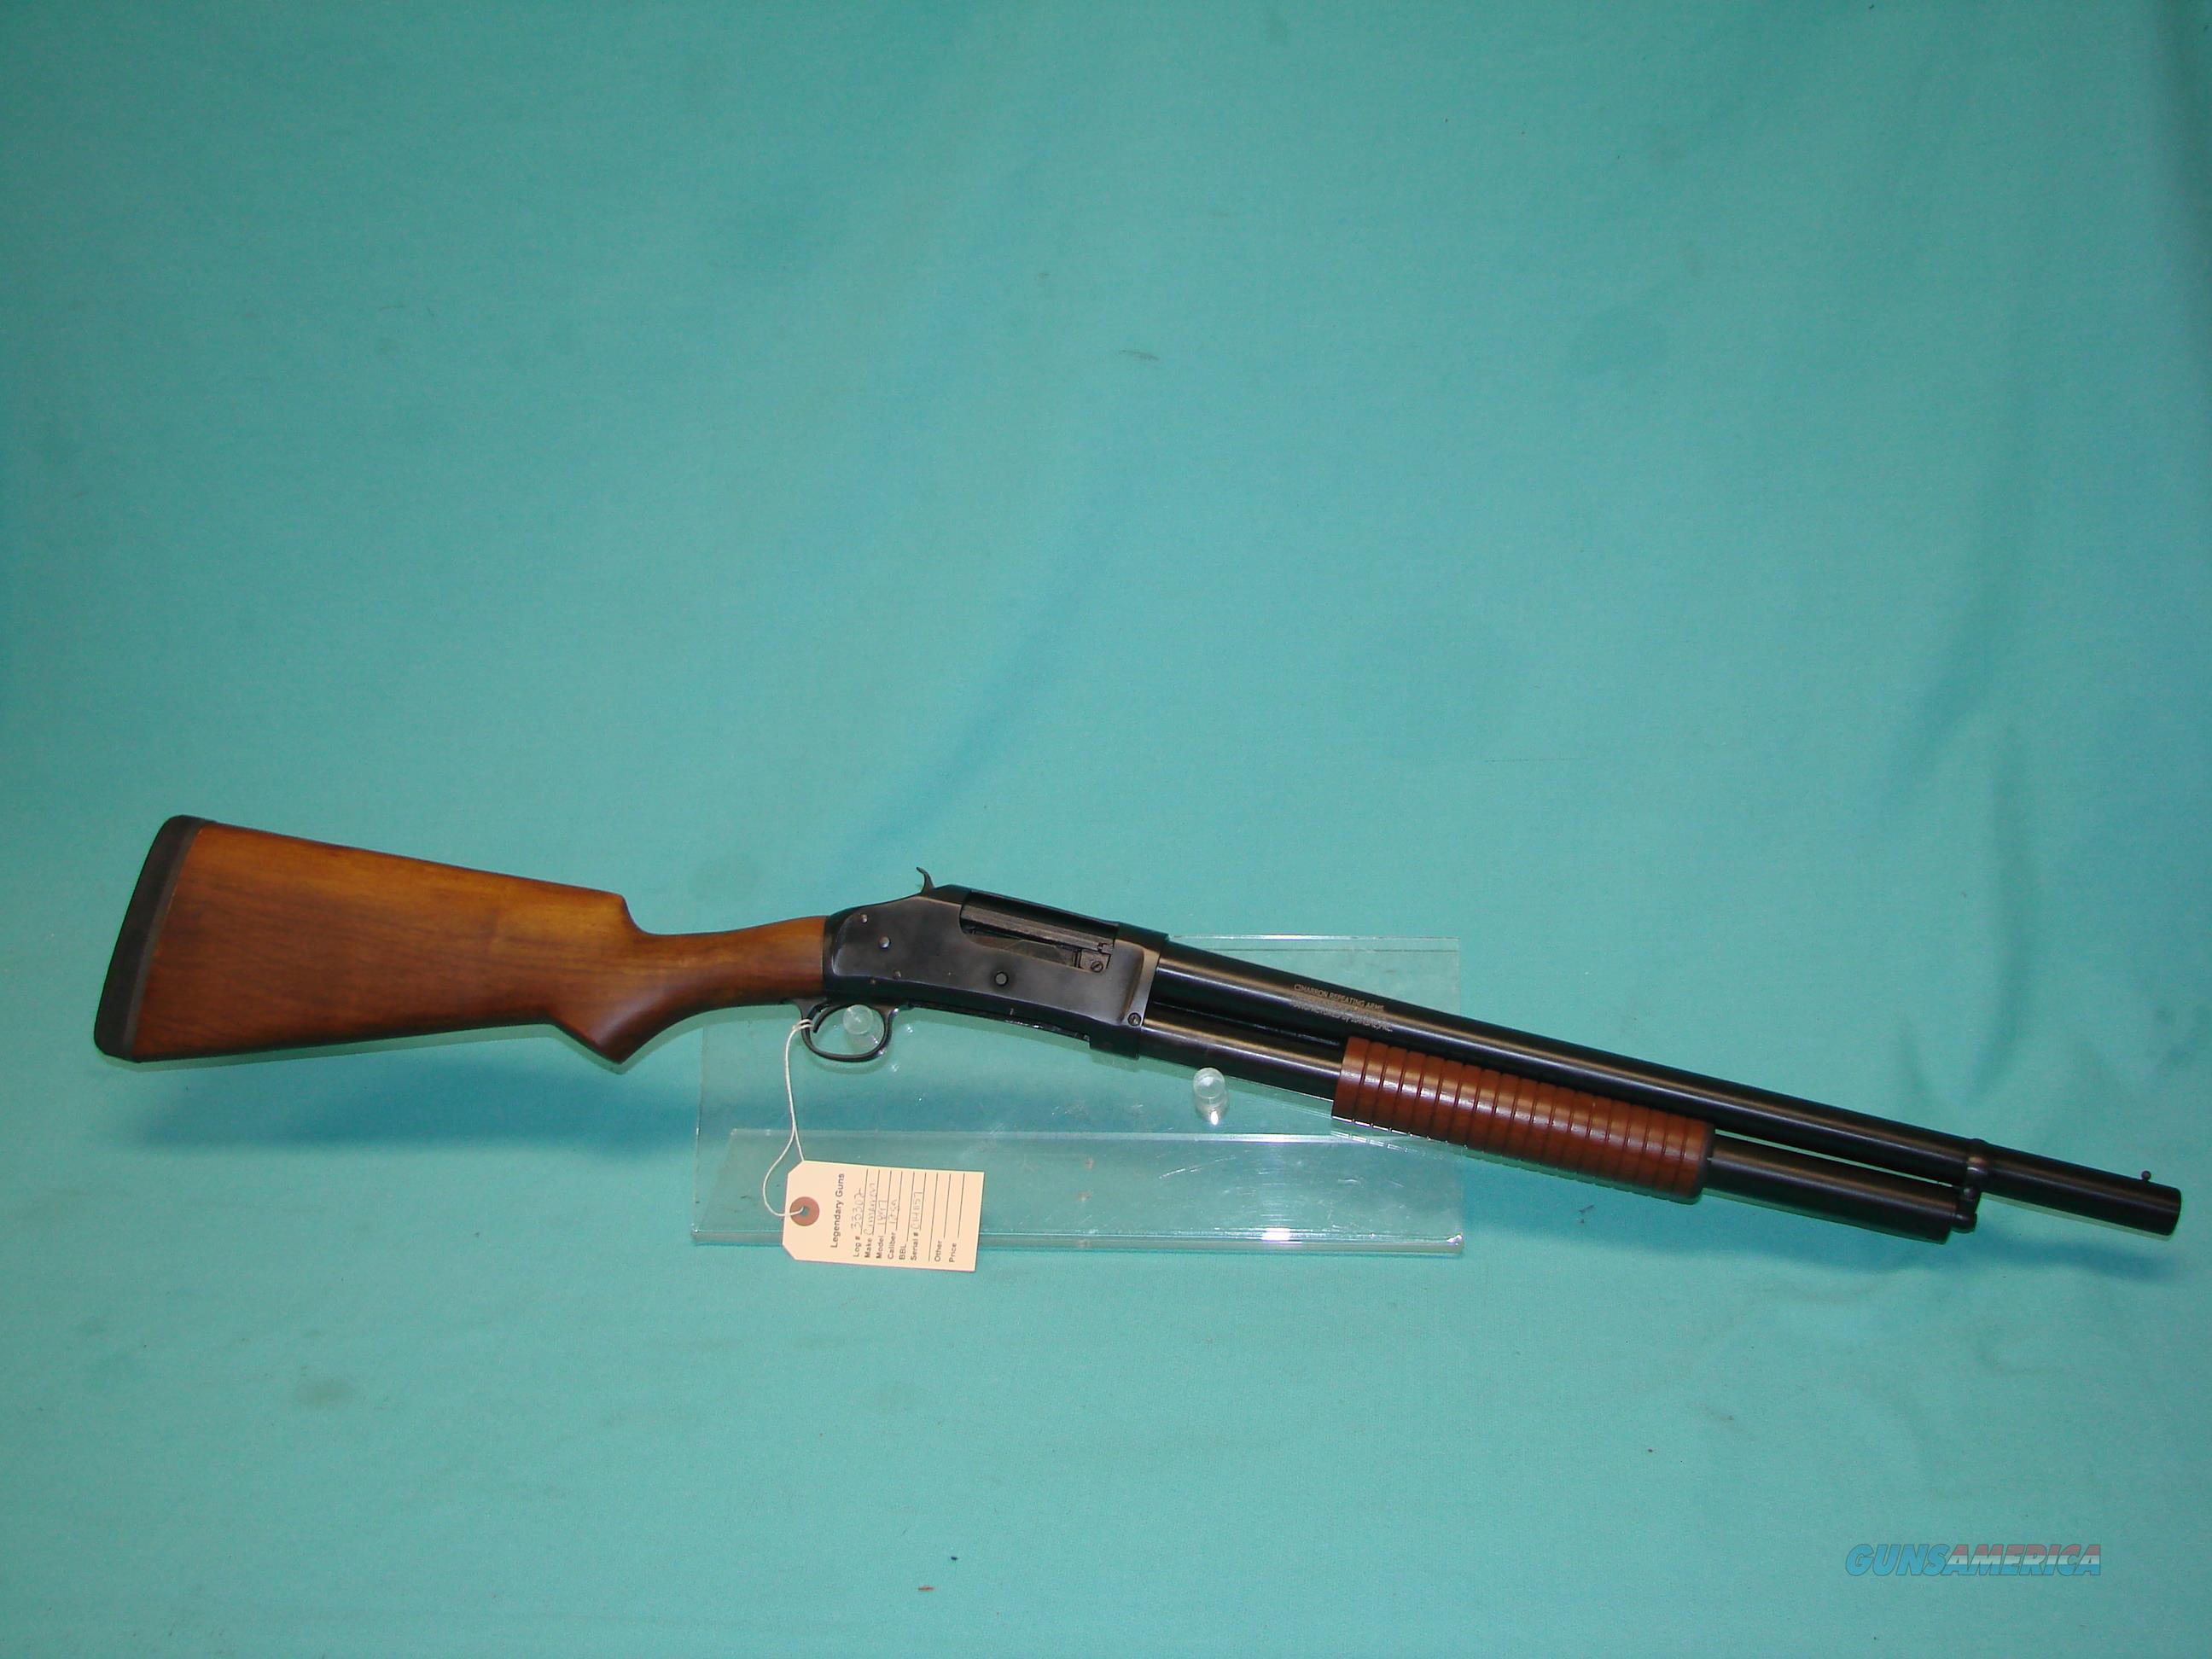 Cimarron 1897  Guns > Shotguns > Cimarron Shotguns